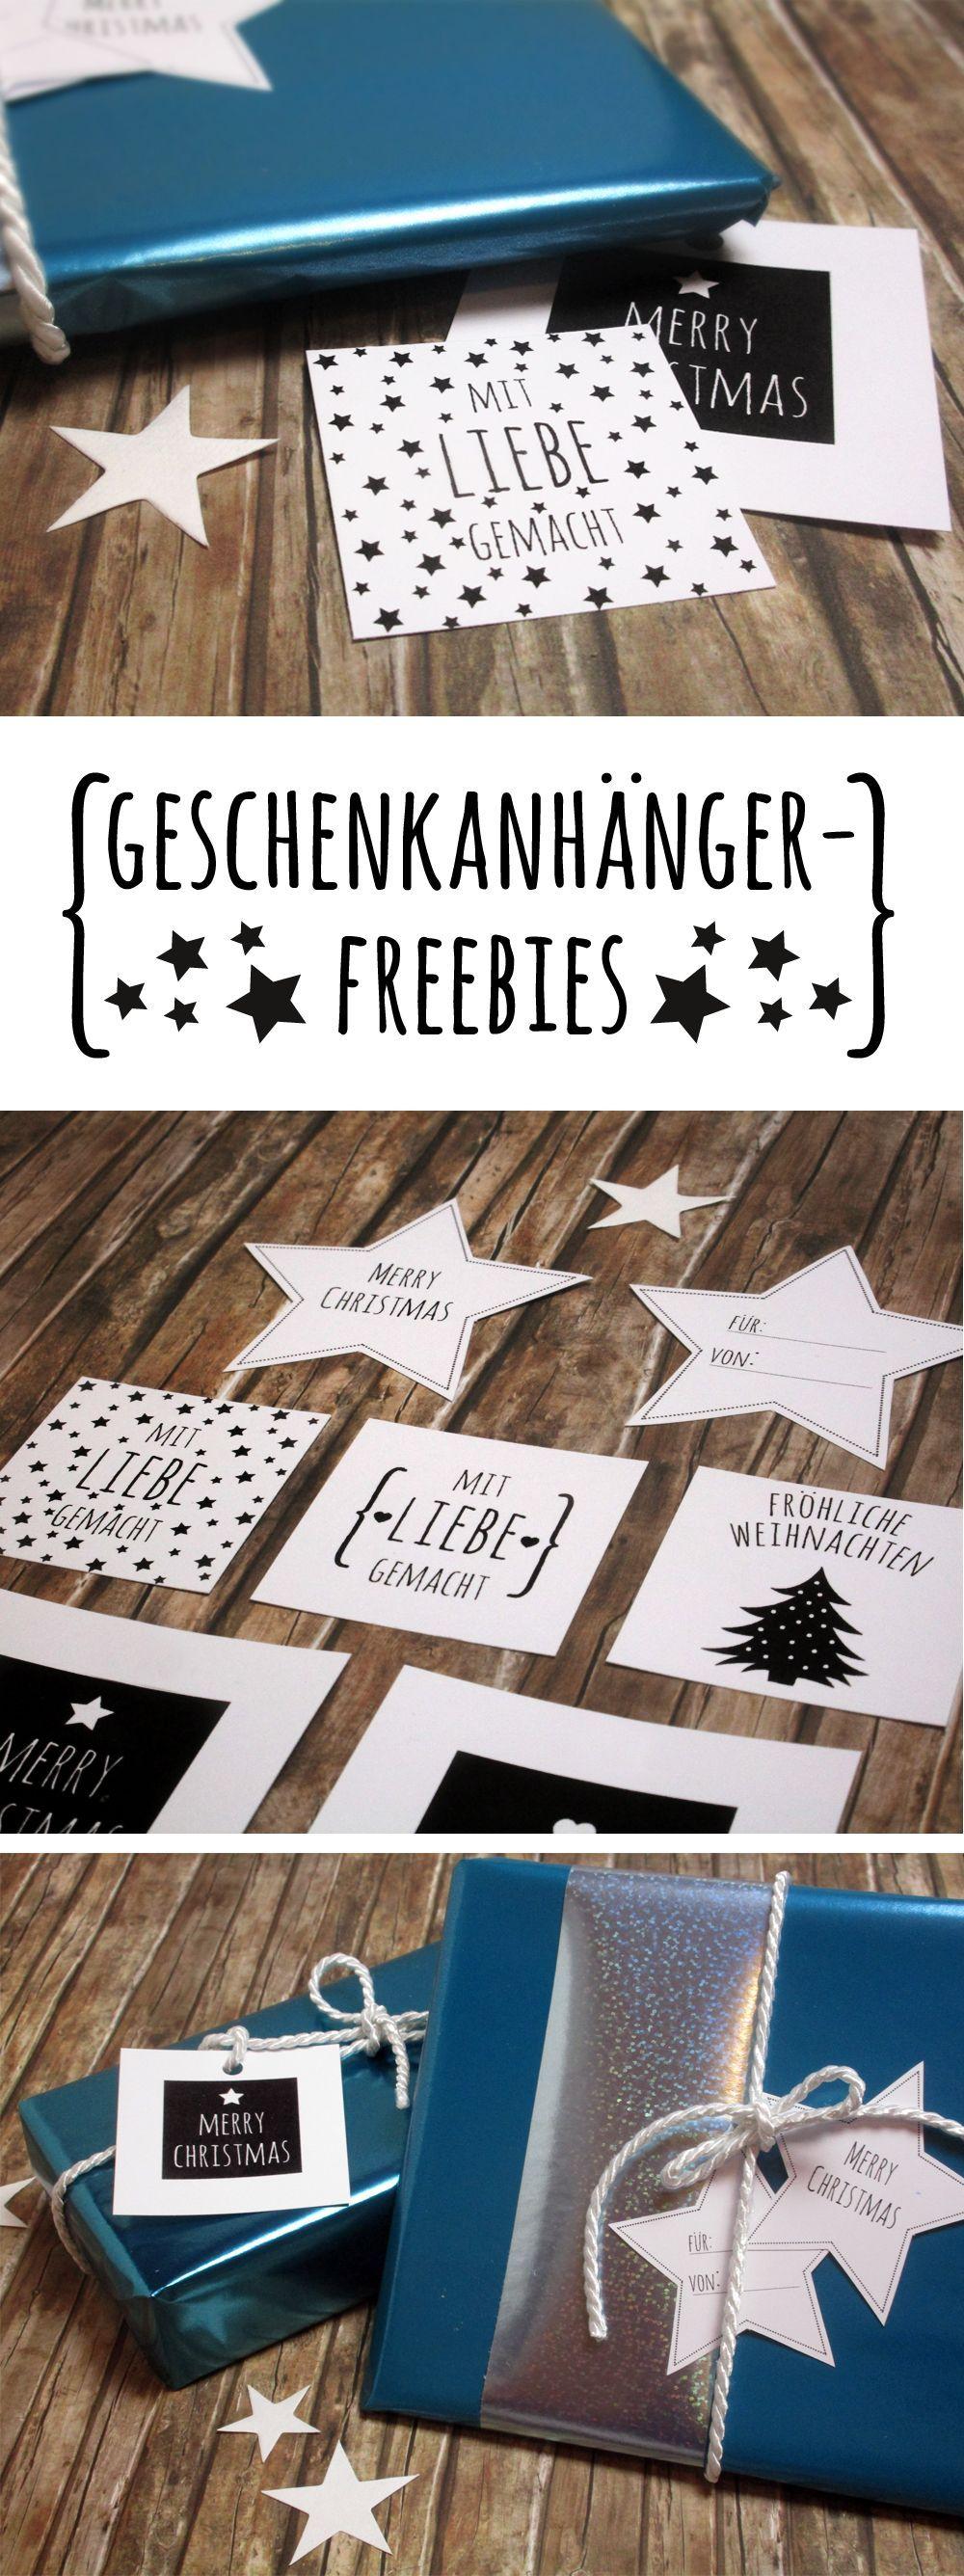 christmas background #christmas #2020 Weihnachtsgeschenke schnell und einfach verpacken - mit Geschenkanhngern zum Runterladen! #freebie #printable #christmas #tags #geschenkanhängerweihnachten